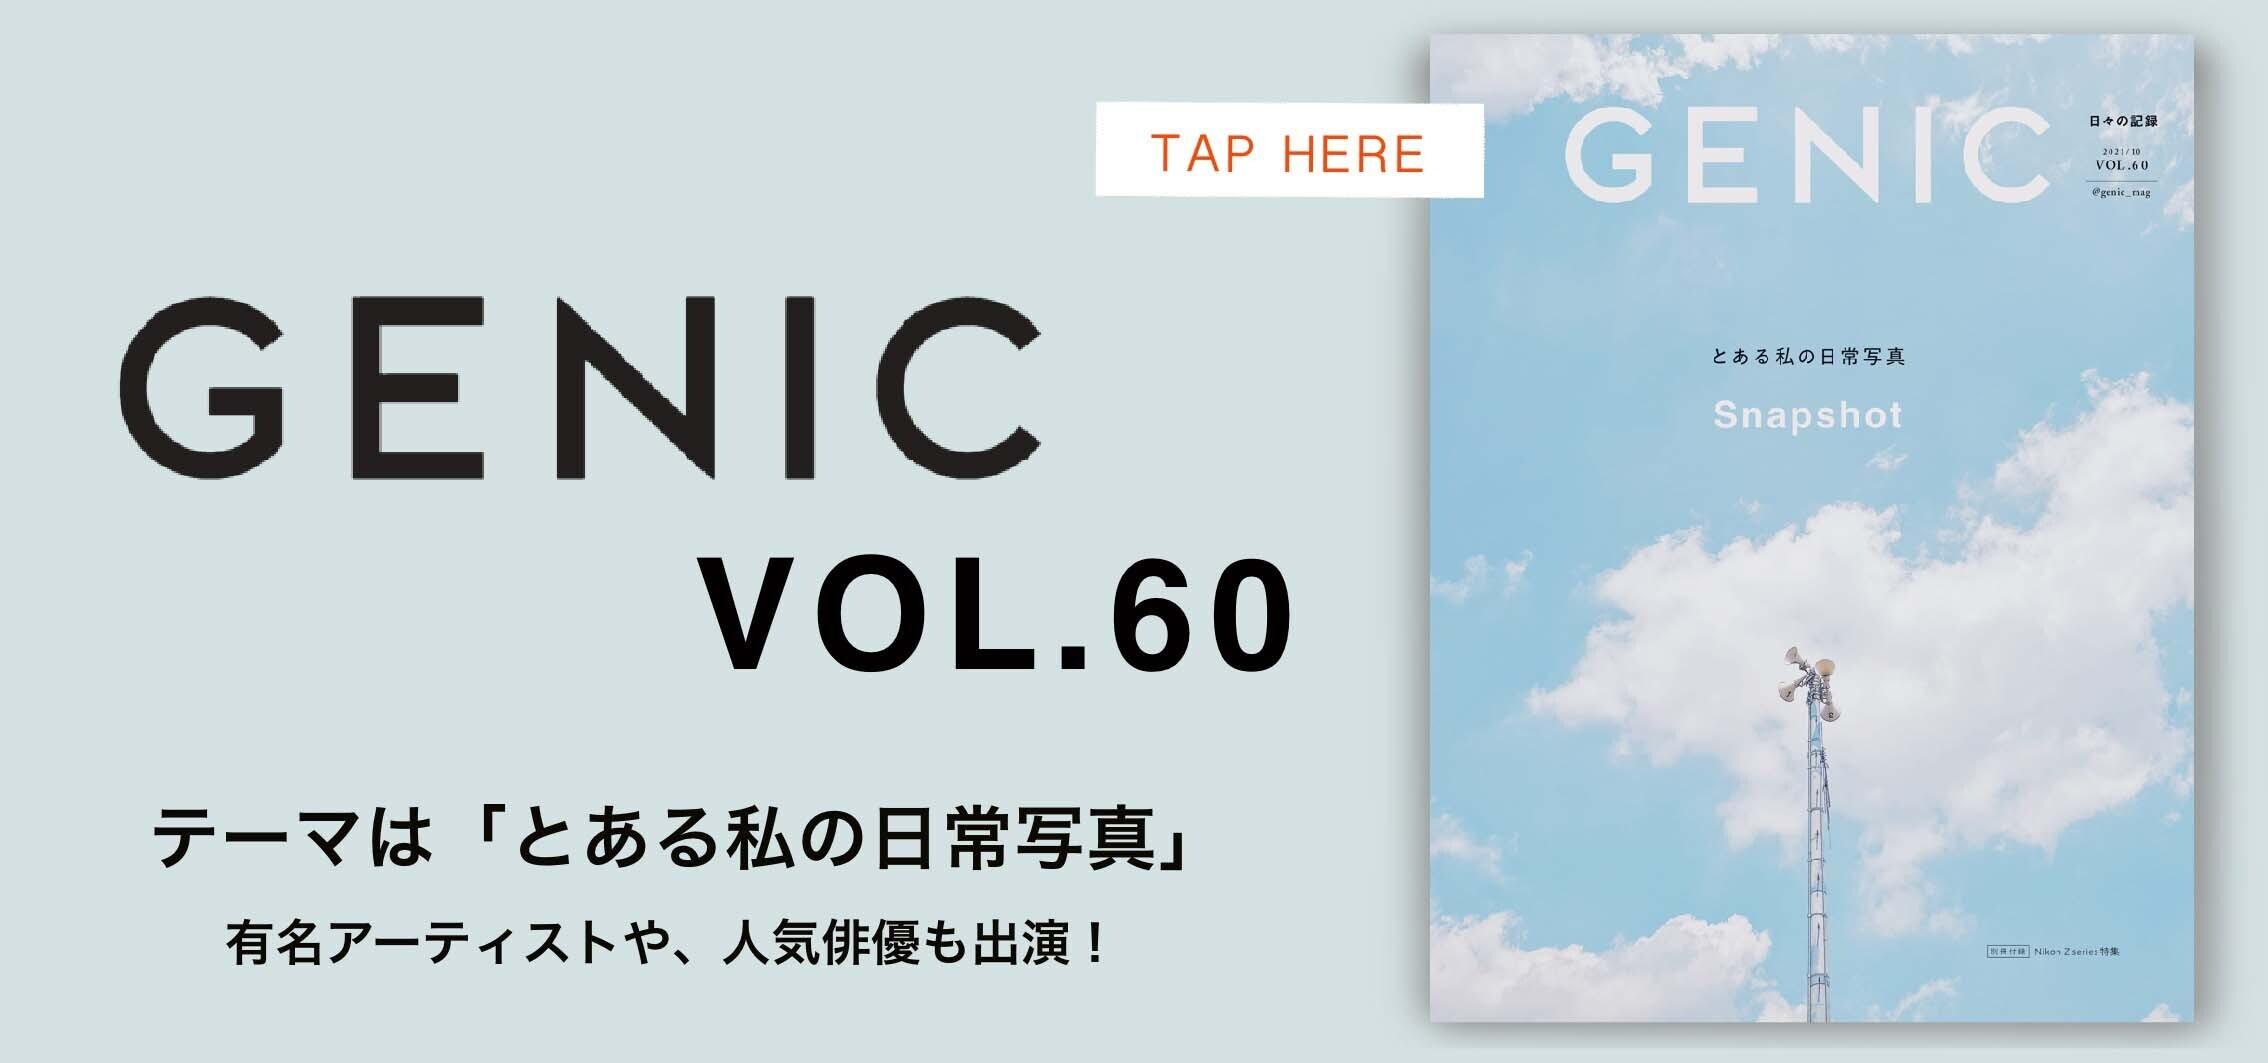 GENIC VOL.60【発売中】